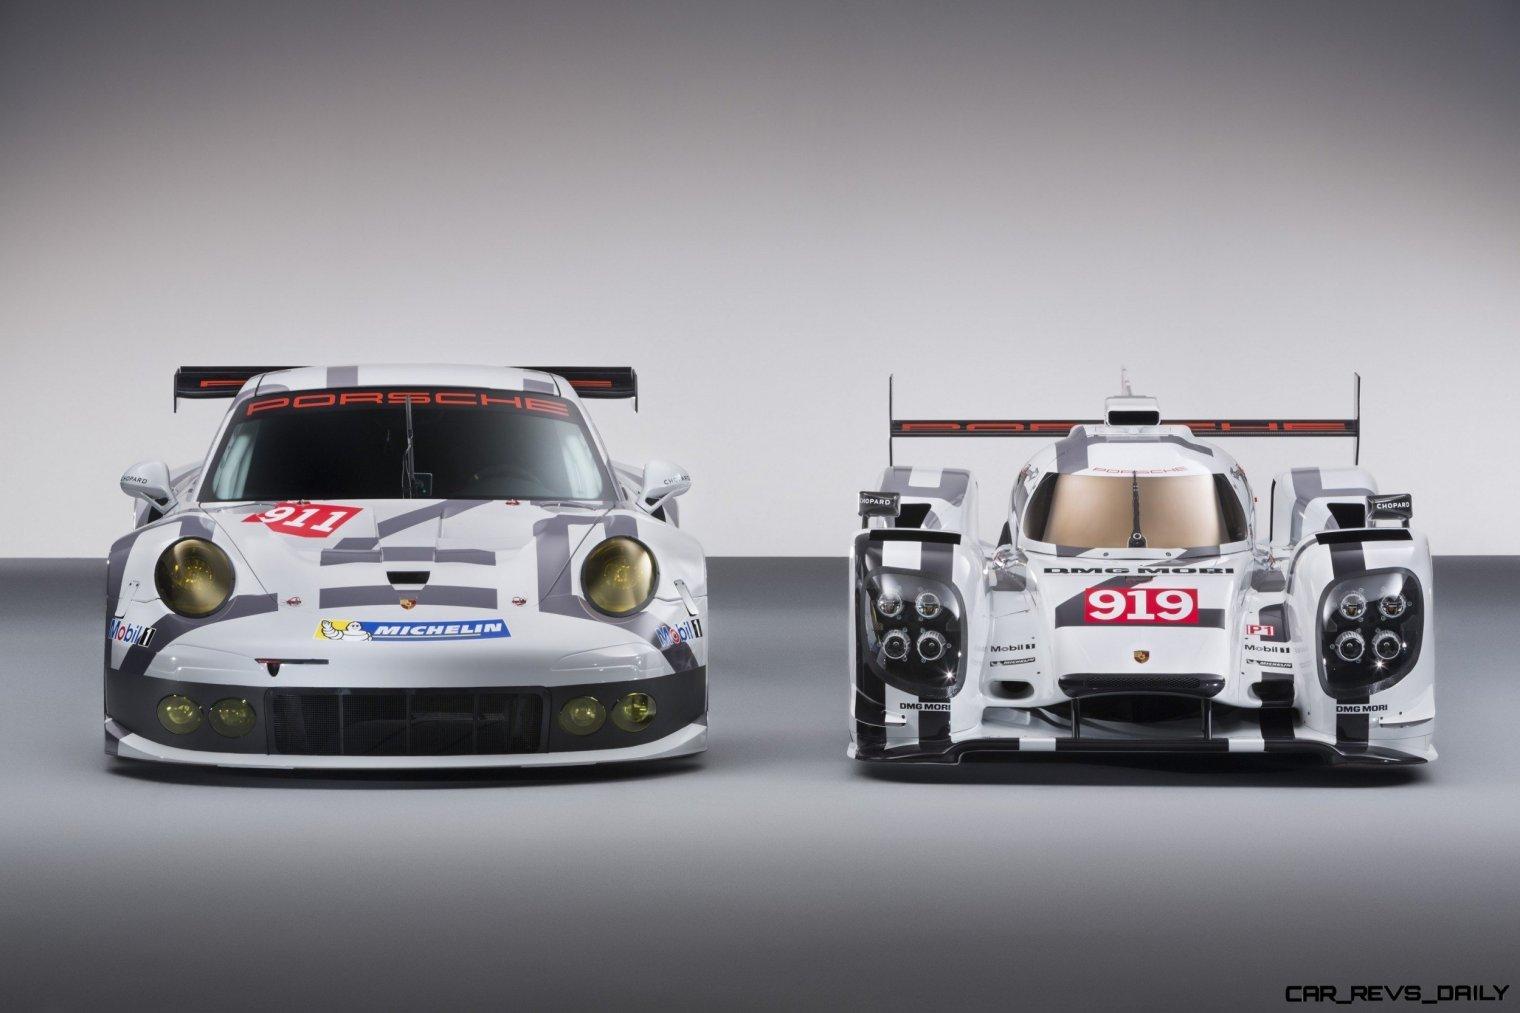 2014 Porsche Motorsport Worldwide- 919 Hybrid-911 RSR- Head-On